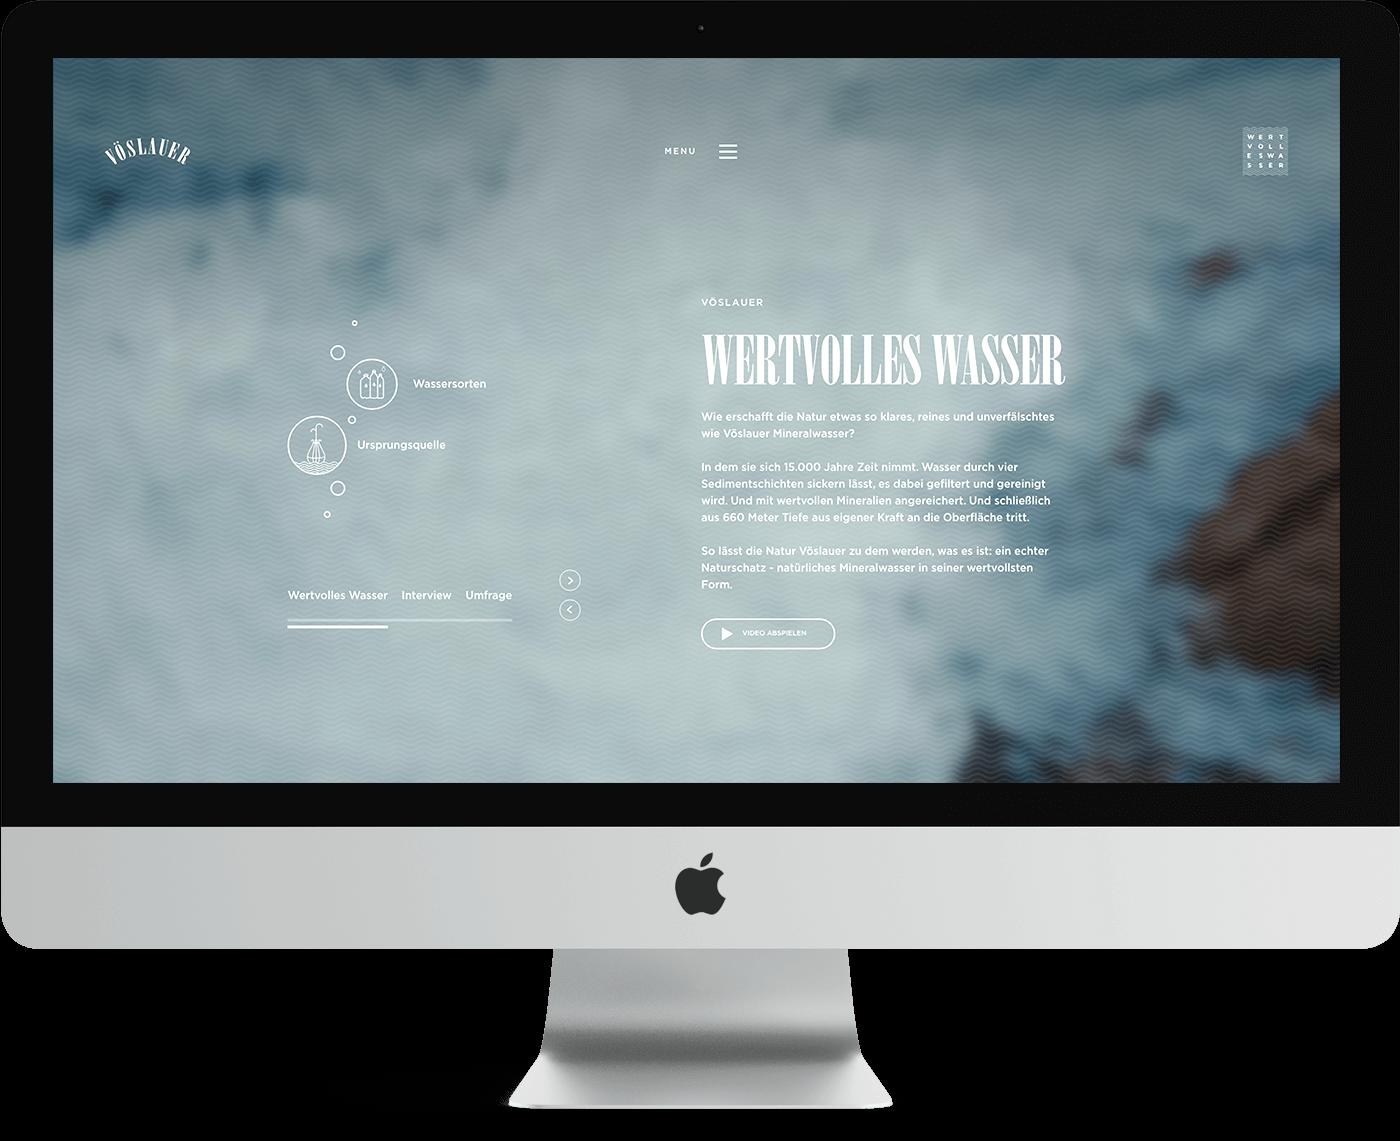 iMac_Wertvolles-wasser-6